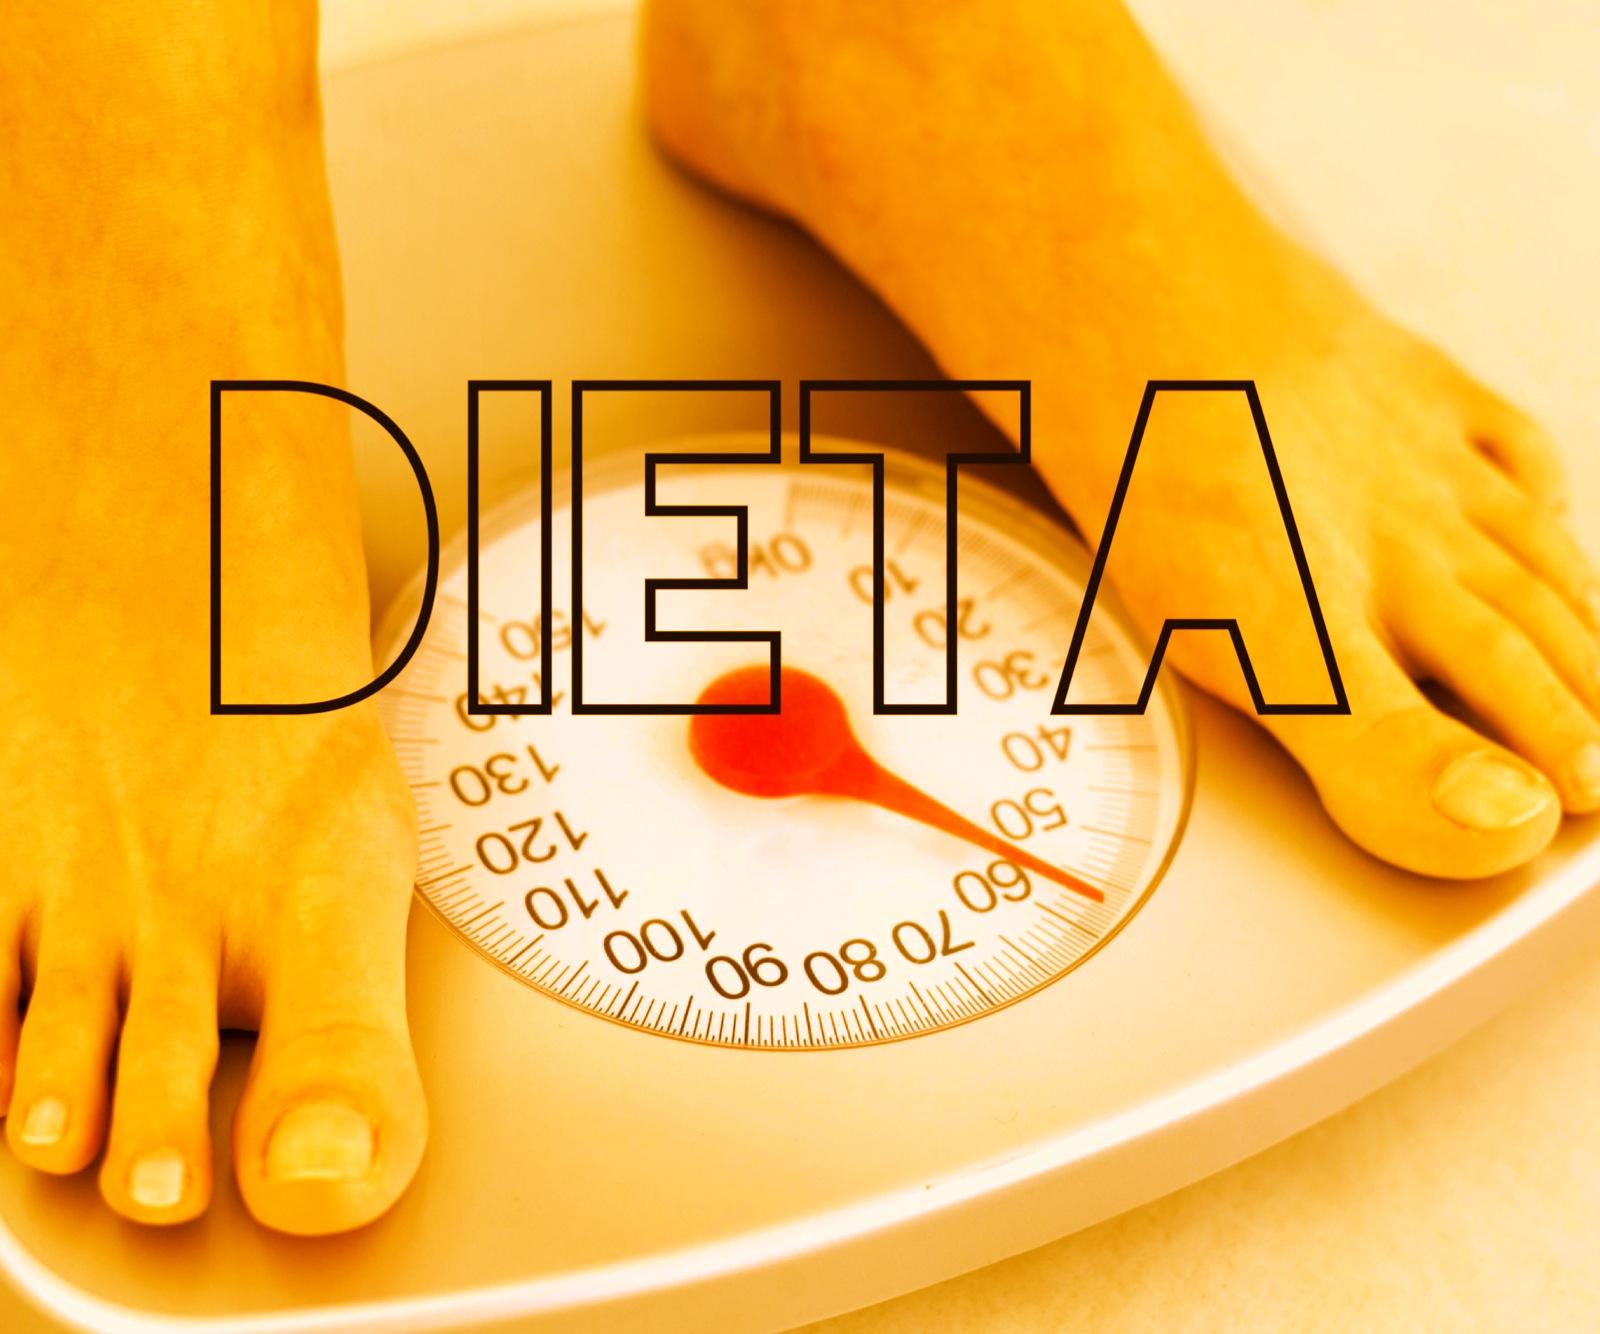 Perca-2-quilos-em-uma-semana-com-a-Dieta-Ravenna-01